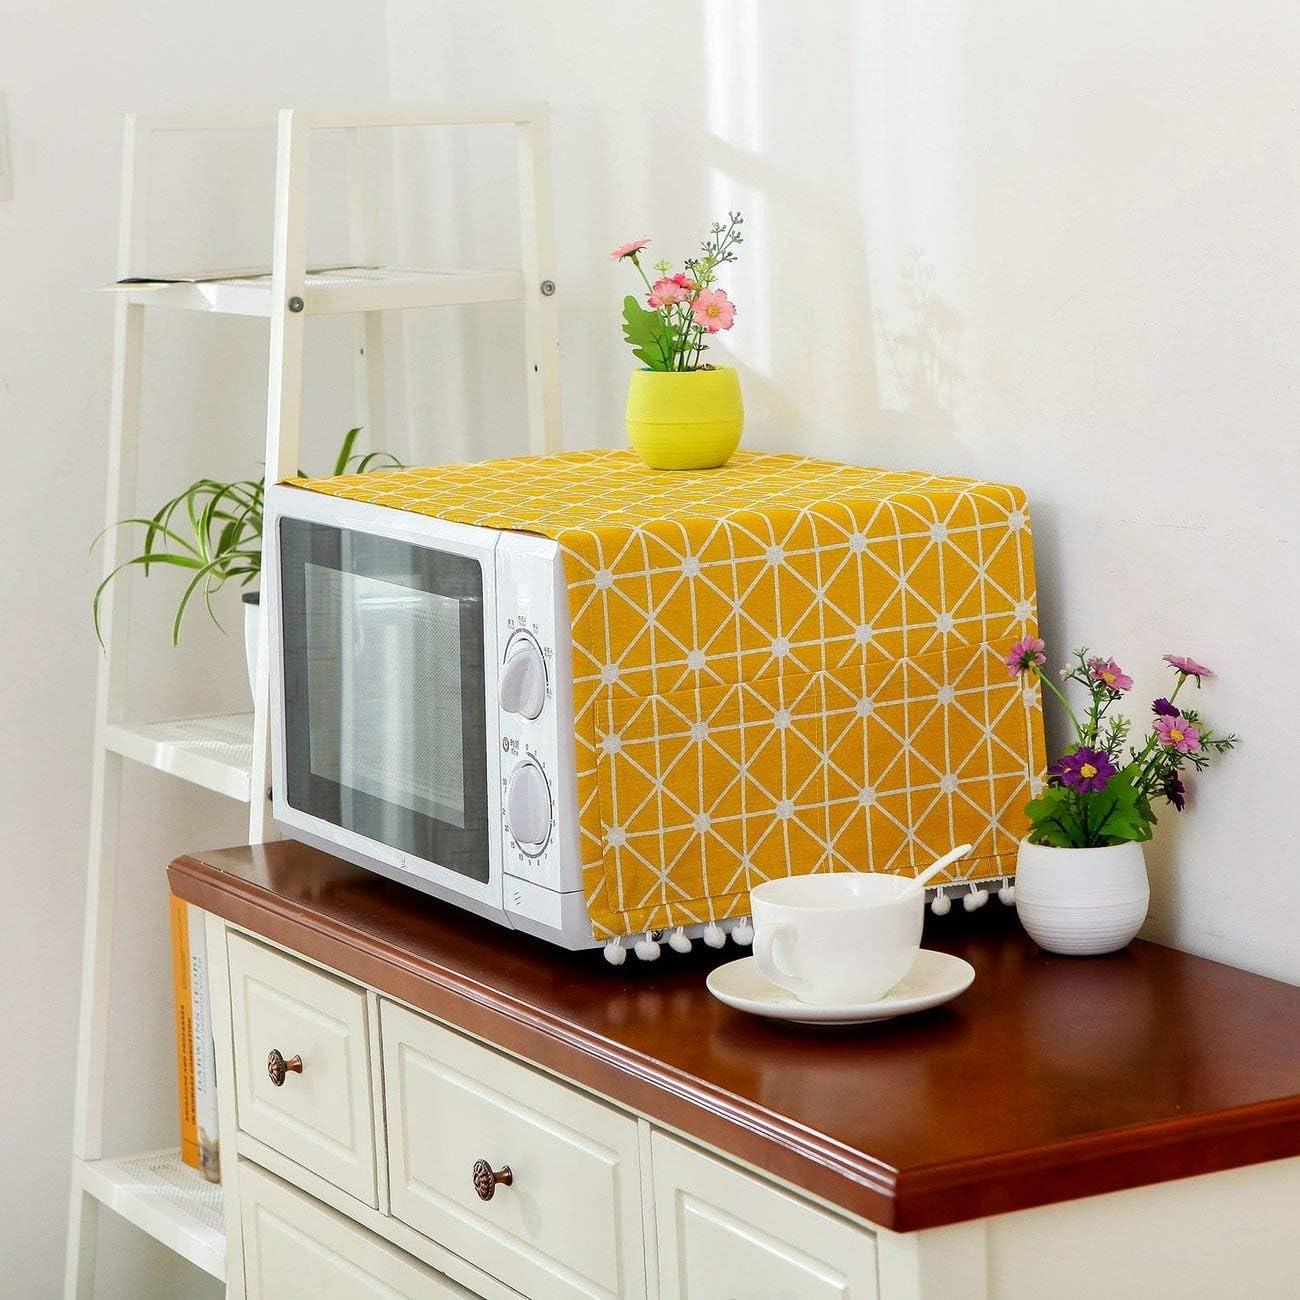 Cubierta de lino de estilo moderno Cubierta de prueba de polvo de microondas Campana de horno de microondas Decoración para el hogar Toalla de microondas con bolsa Suministros para el hogar